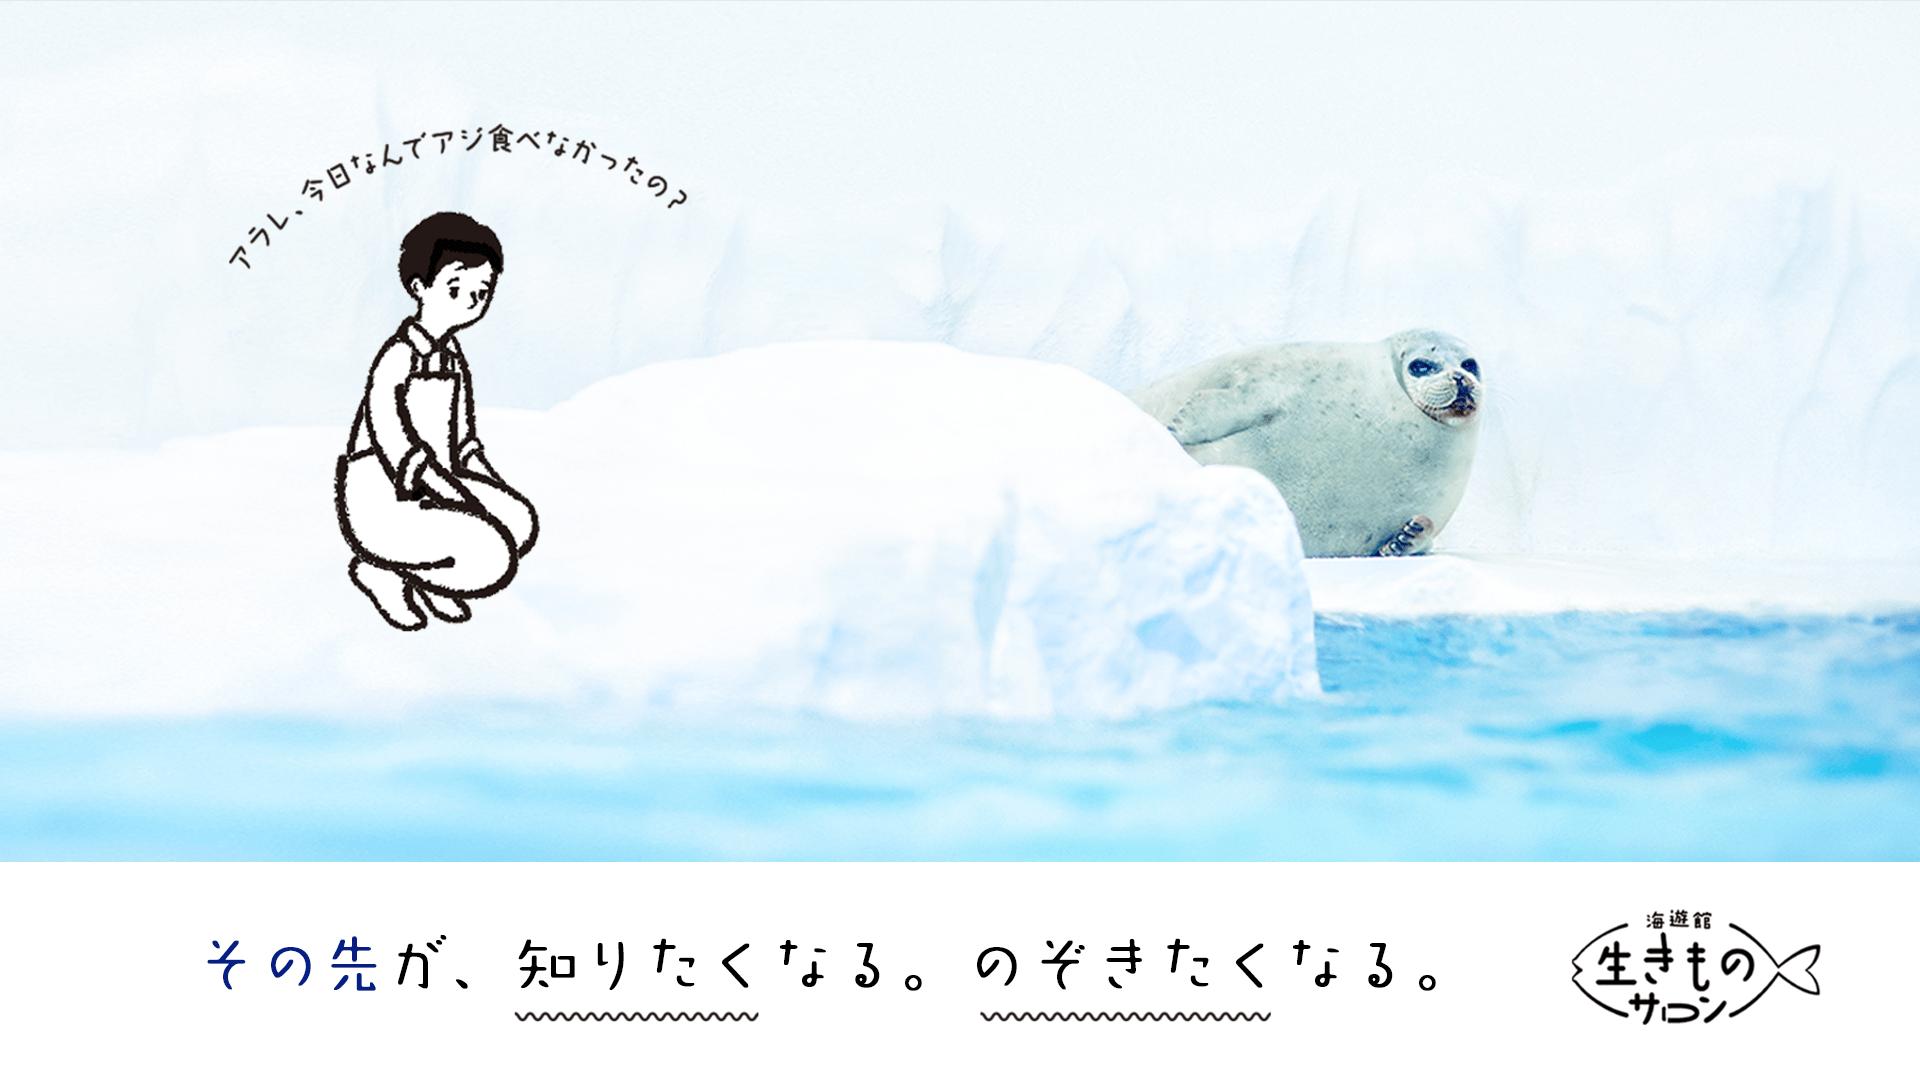 海遊館の飼育員 - 海遊館 生きものサロン - DMM オンラインサロン